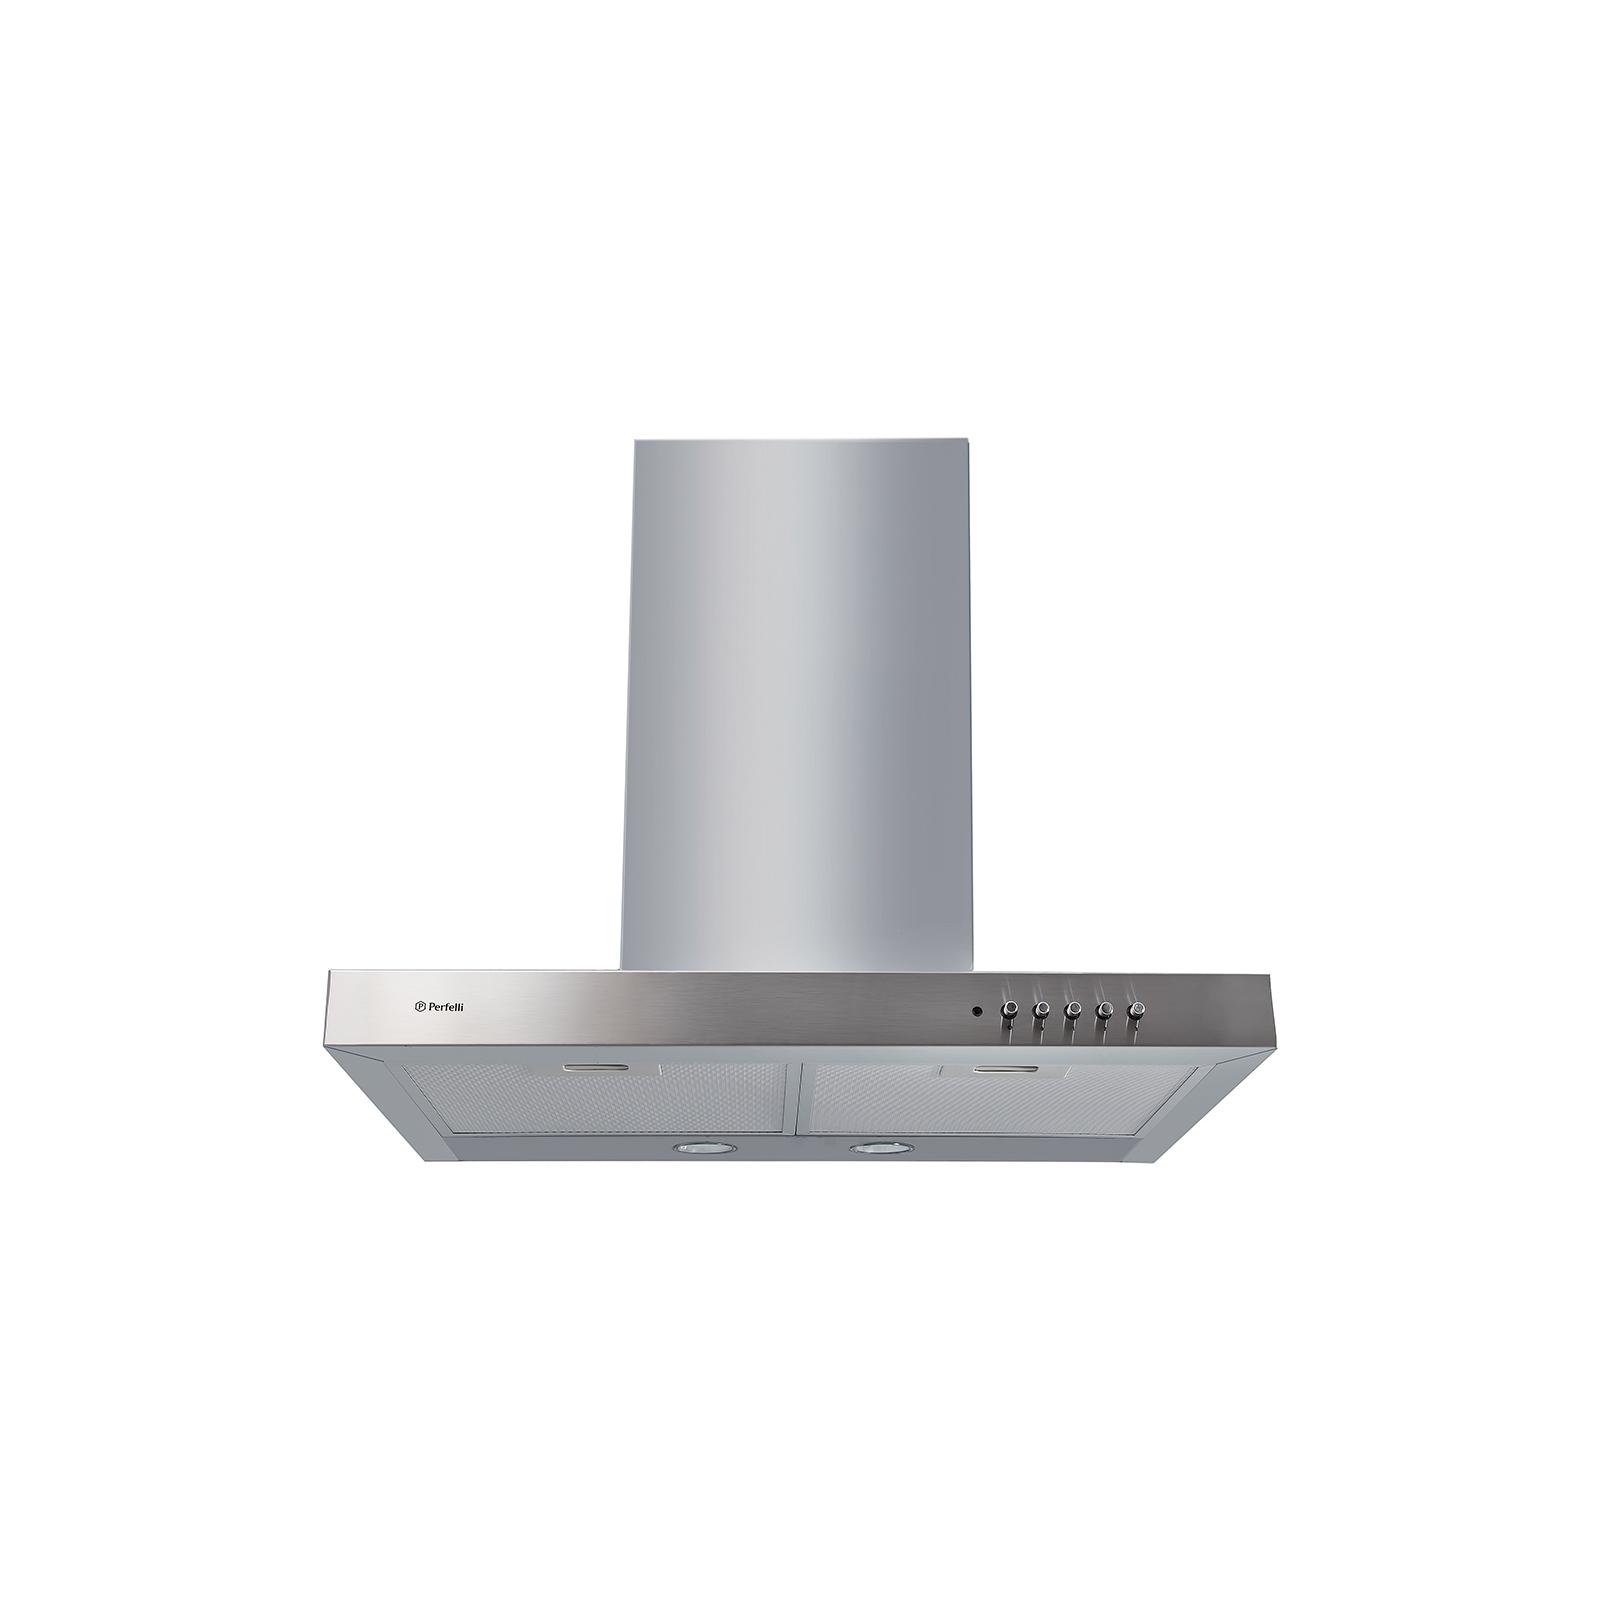 Вытяжка кухонная Perfelli T 6101 I изображение 2